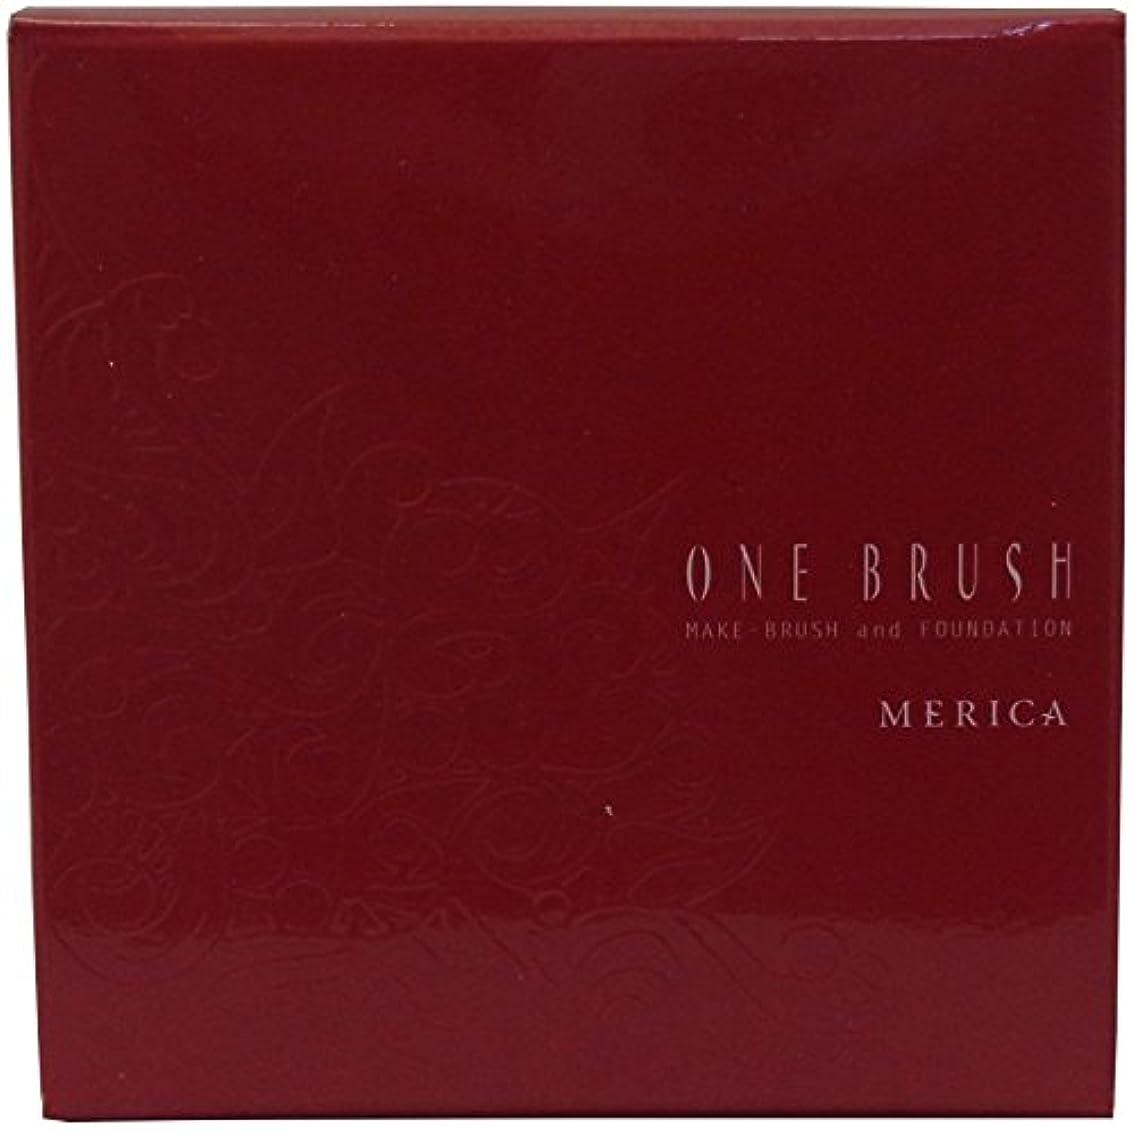 いつでも振るう広範囲にメリカ ワンブラュシュ ファンデーション ベージュオークル赤箱 8g